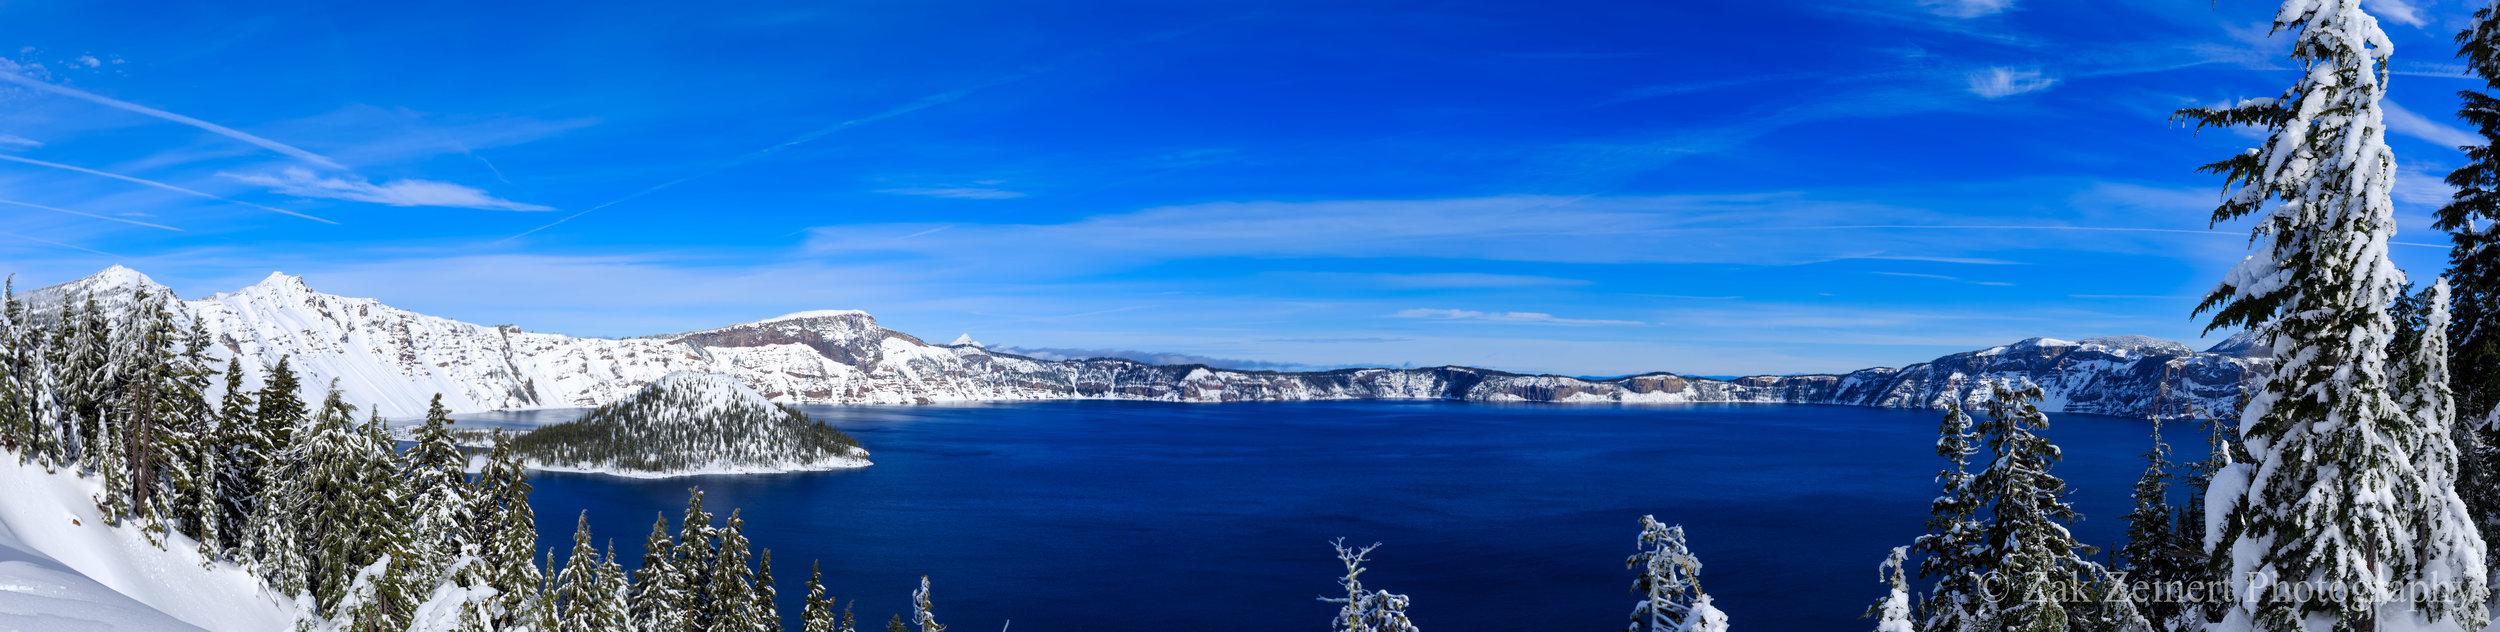 Panoramic shot of Crater Lake